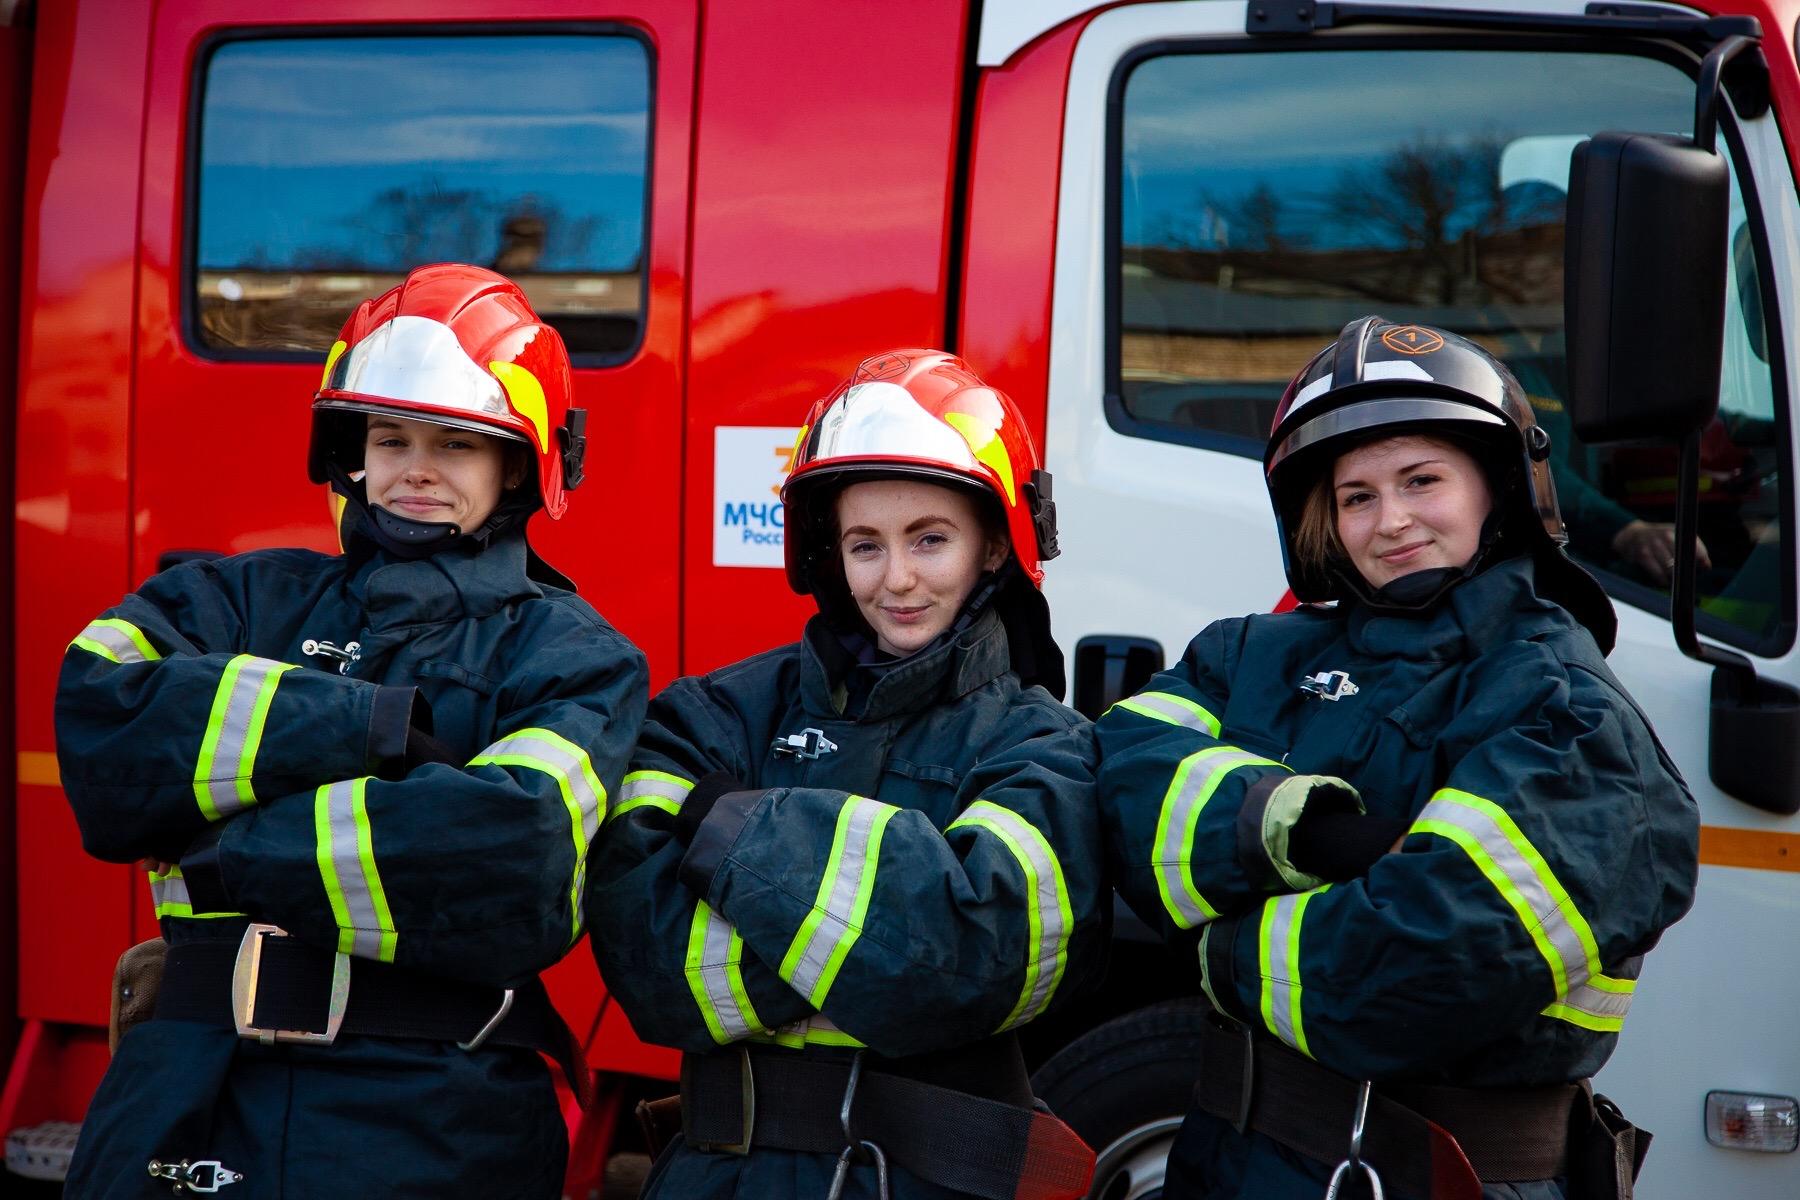 К 23 февраля сотрудницы тверского МЧС сняли видео о работе пожарных